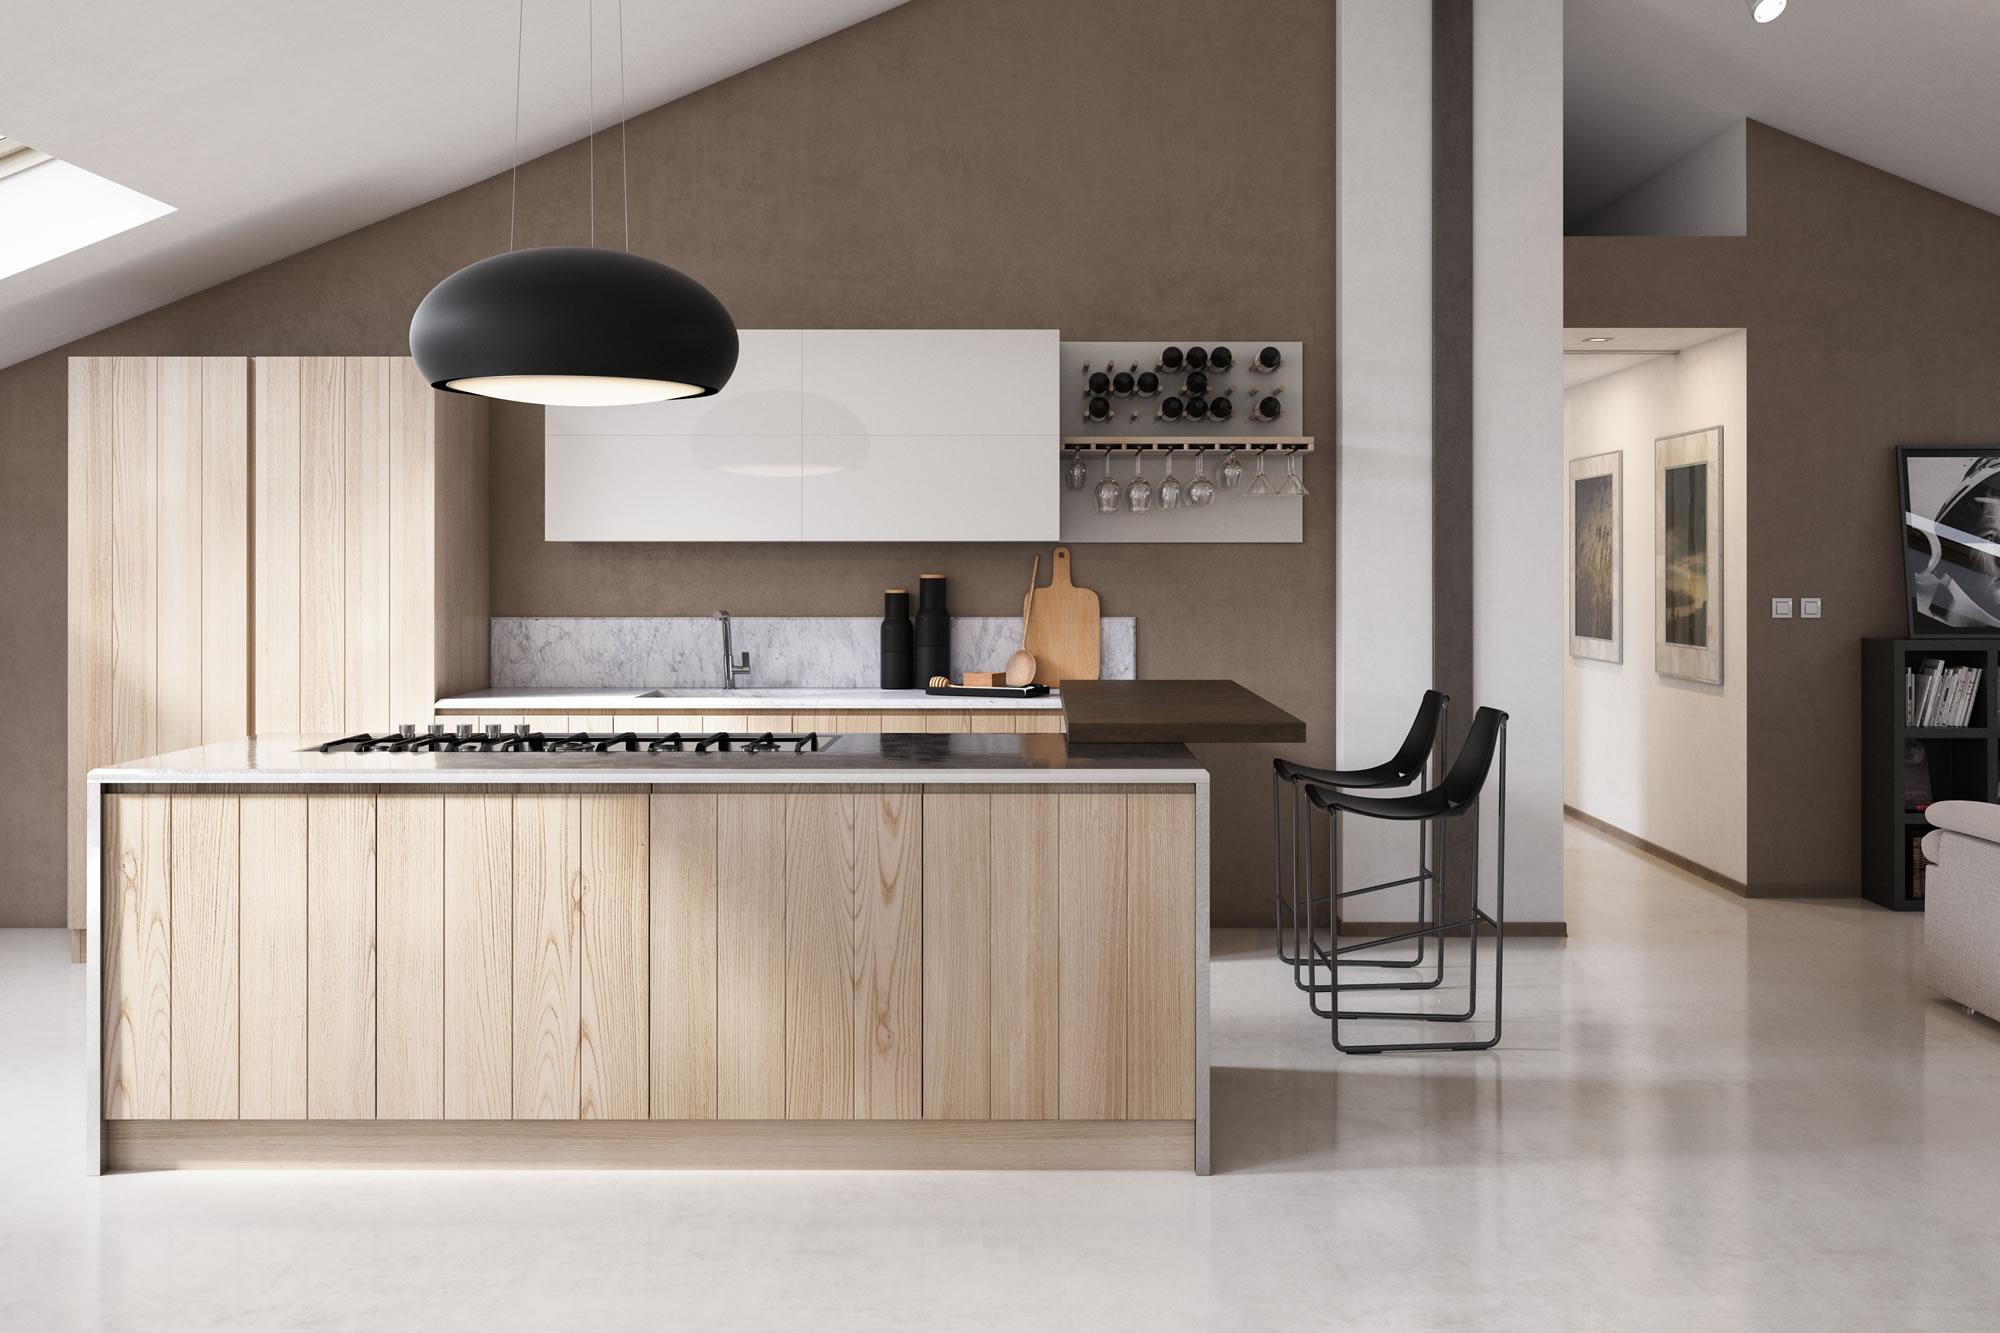 Cucina in legno contemporanea moderna componibile